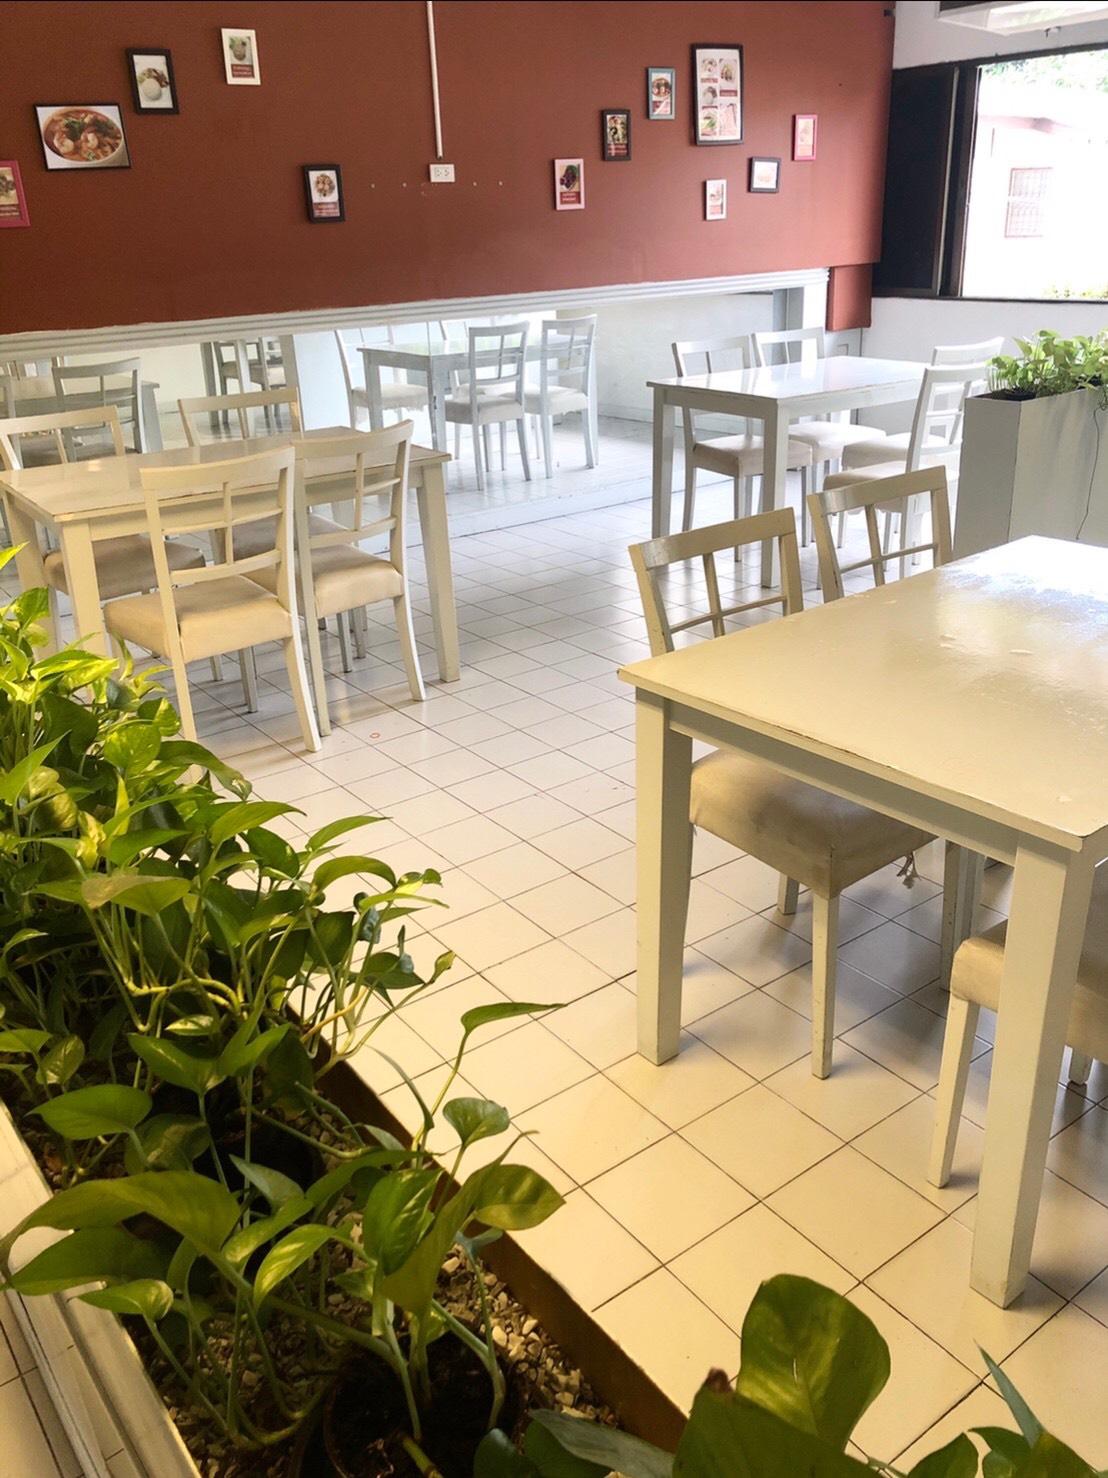 ห้องอาหารร้านอาหารให้เช่า